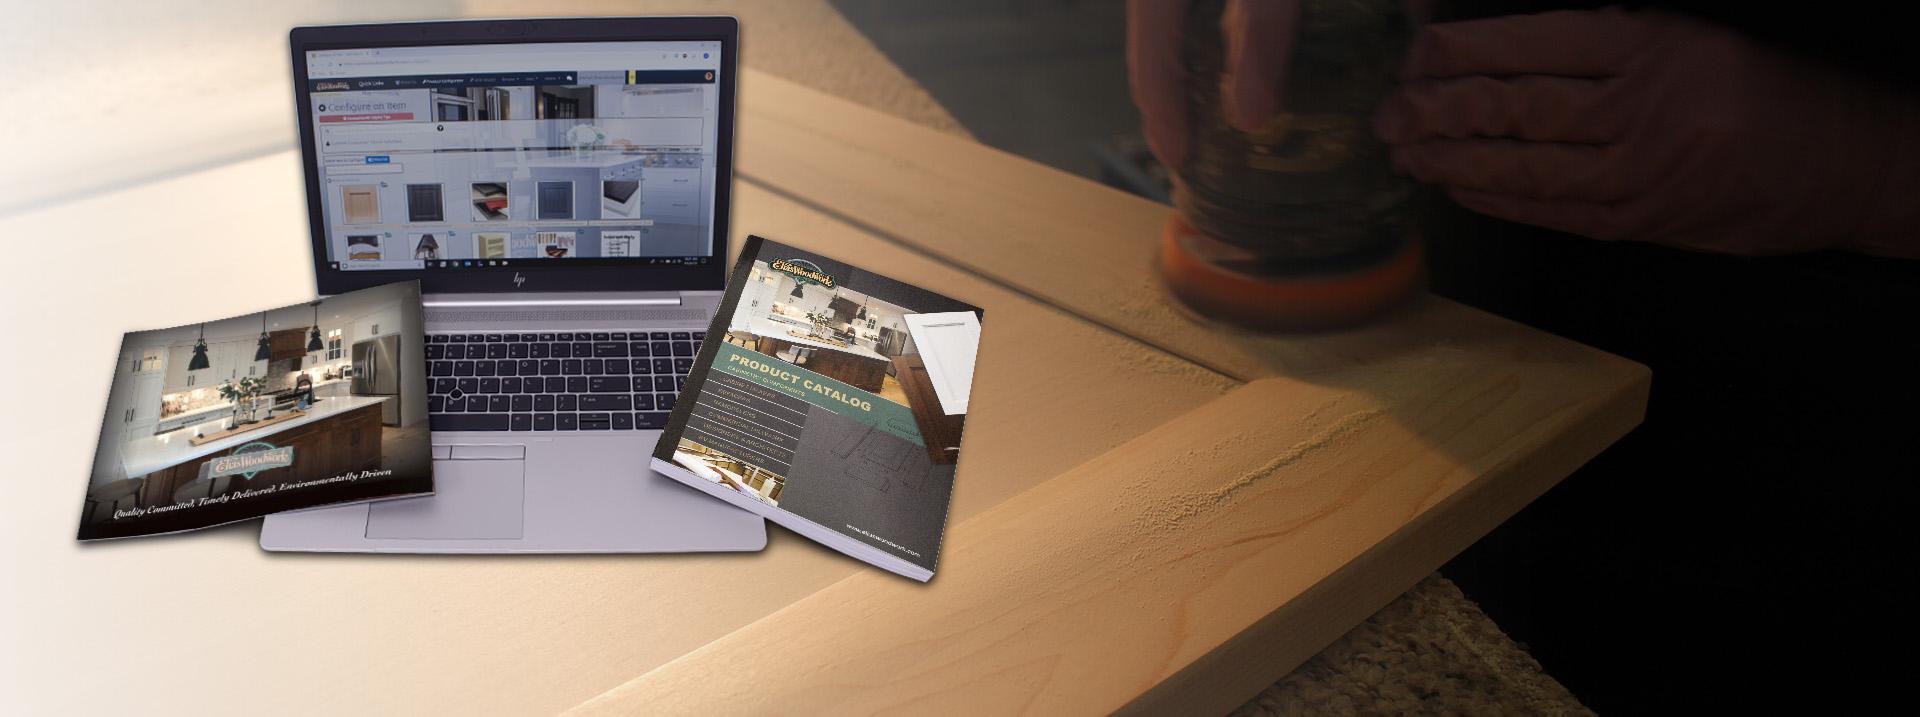 Door Sanding with Catalogs laptop